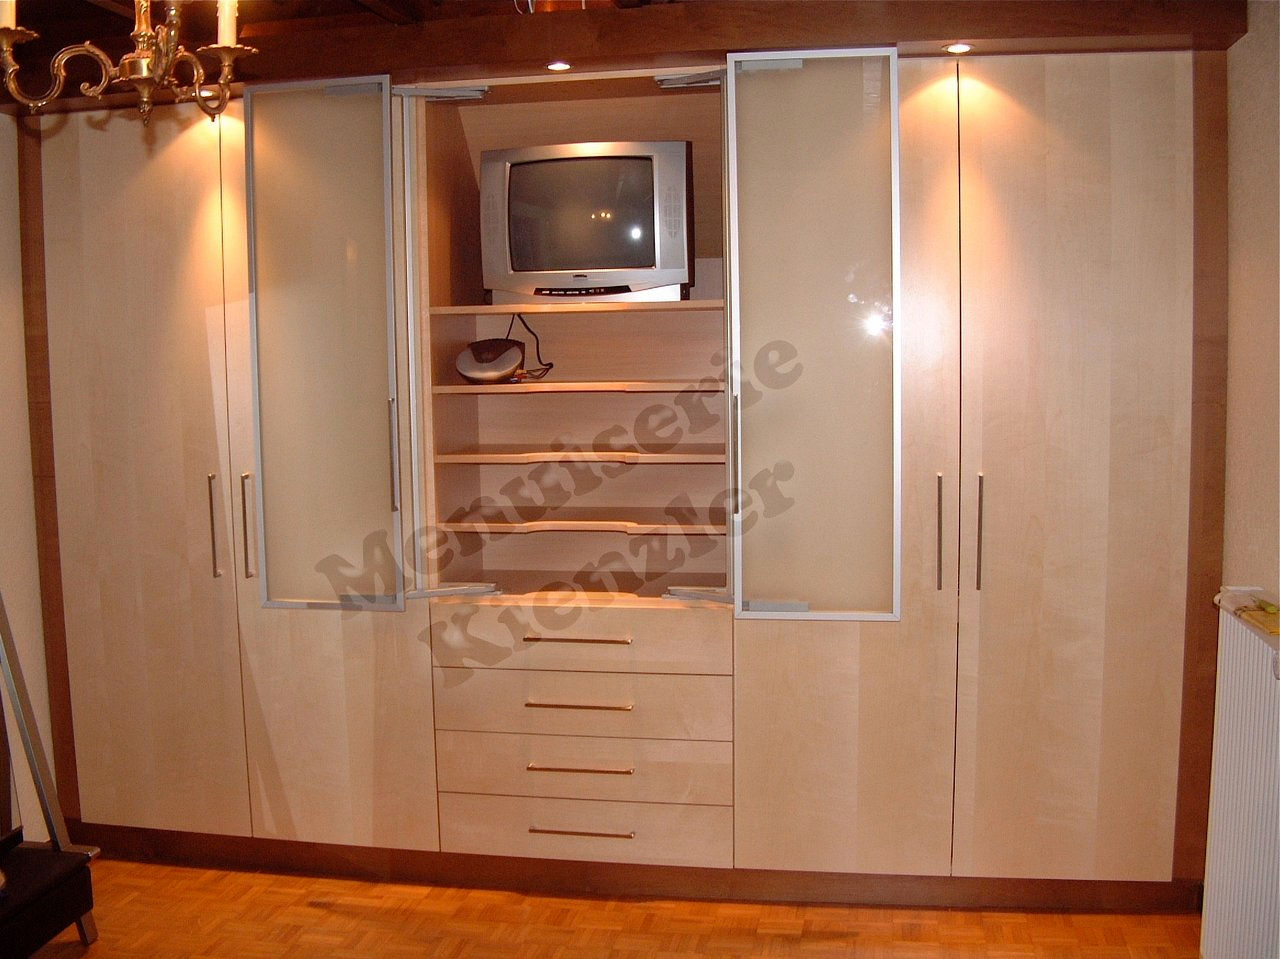 menuiserie ebenisterie kienzler succ hurler et fils. Black Bedroom Furniture Sets. Home Design Ideas